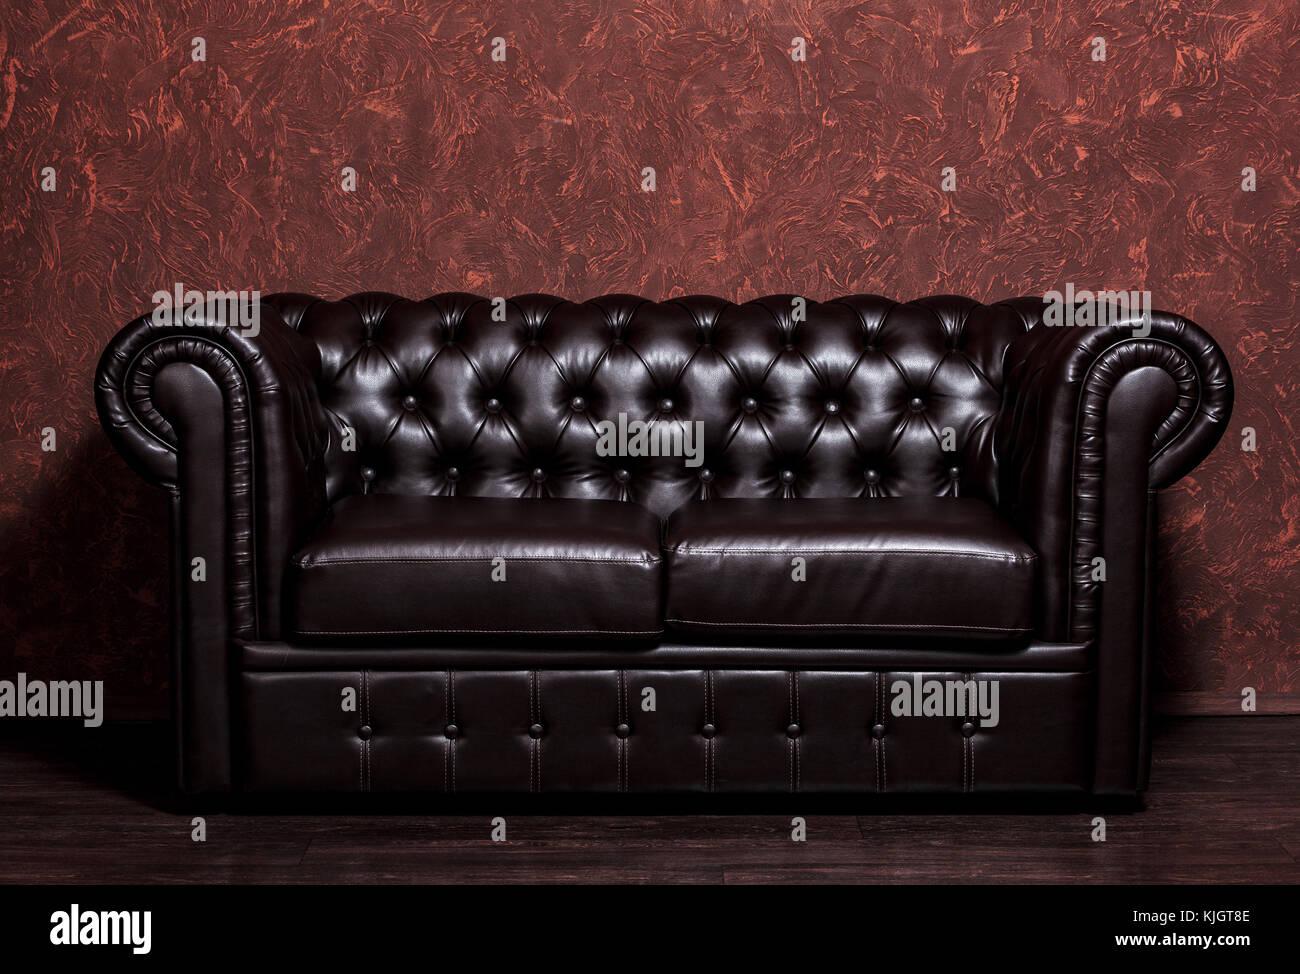 Divani Pelle Marrone Vintage : Vintage vecchio marrone scuro divano in pelle con grunge parete